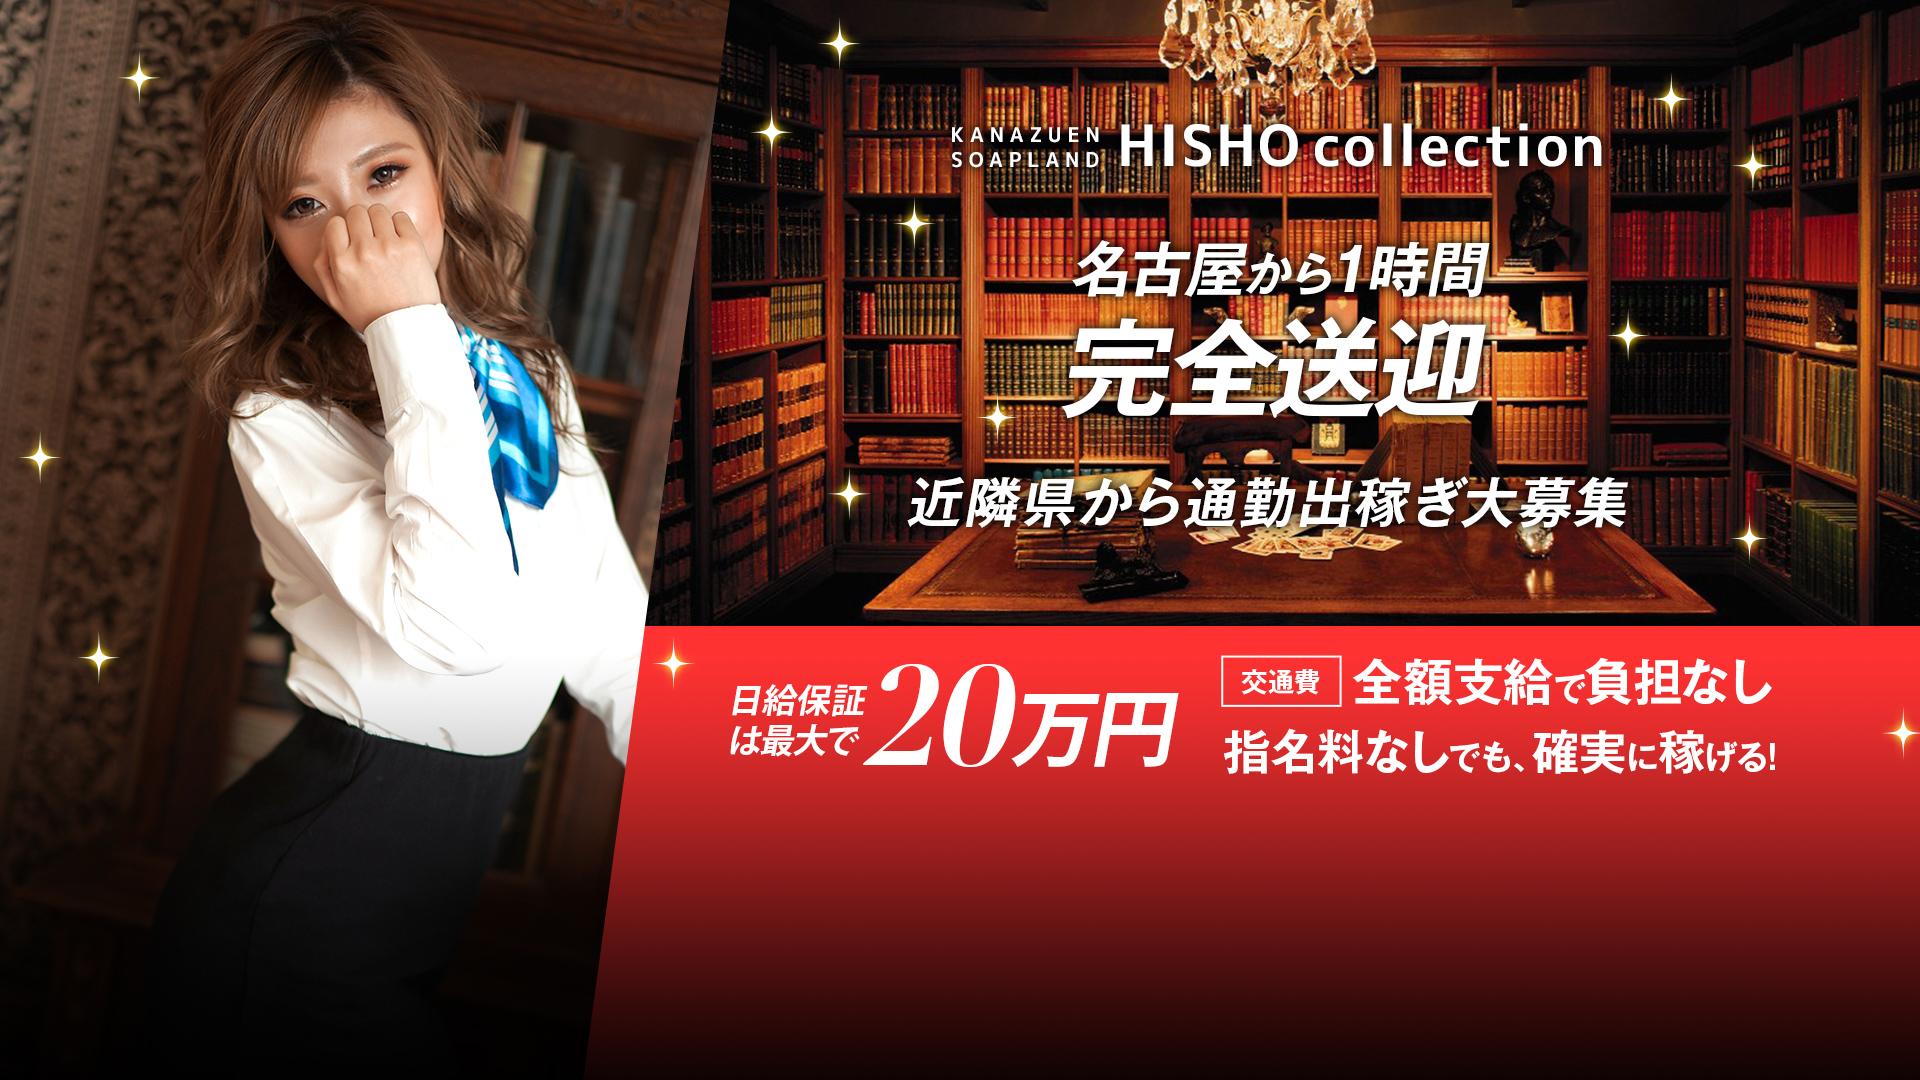 秘書コレクションの求人画像